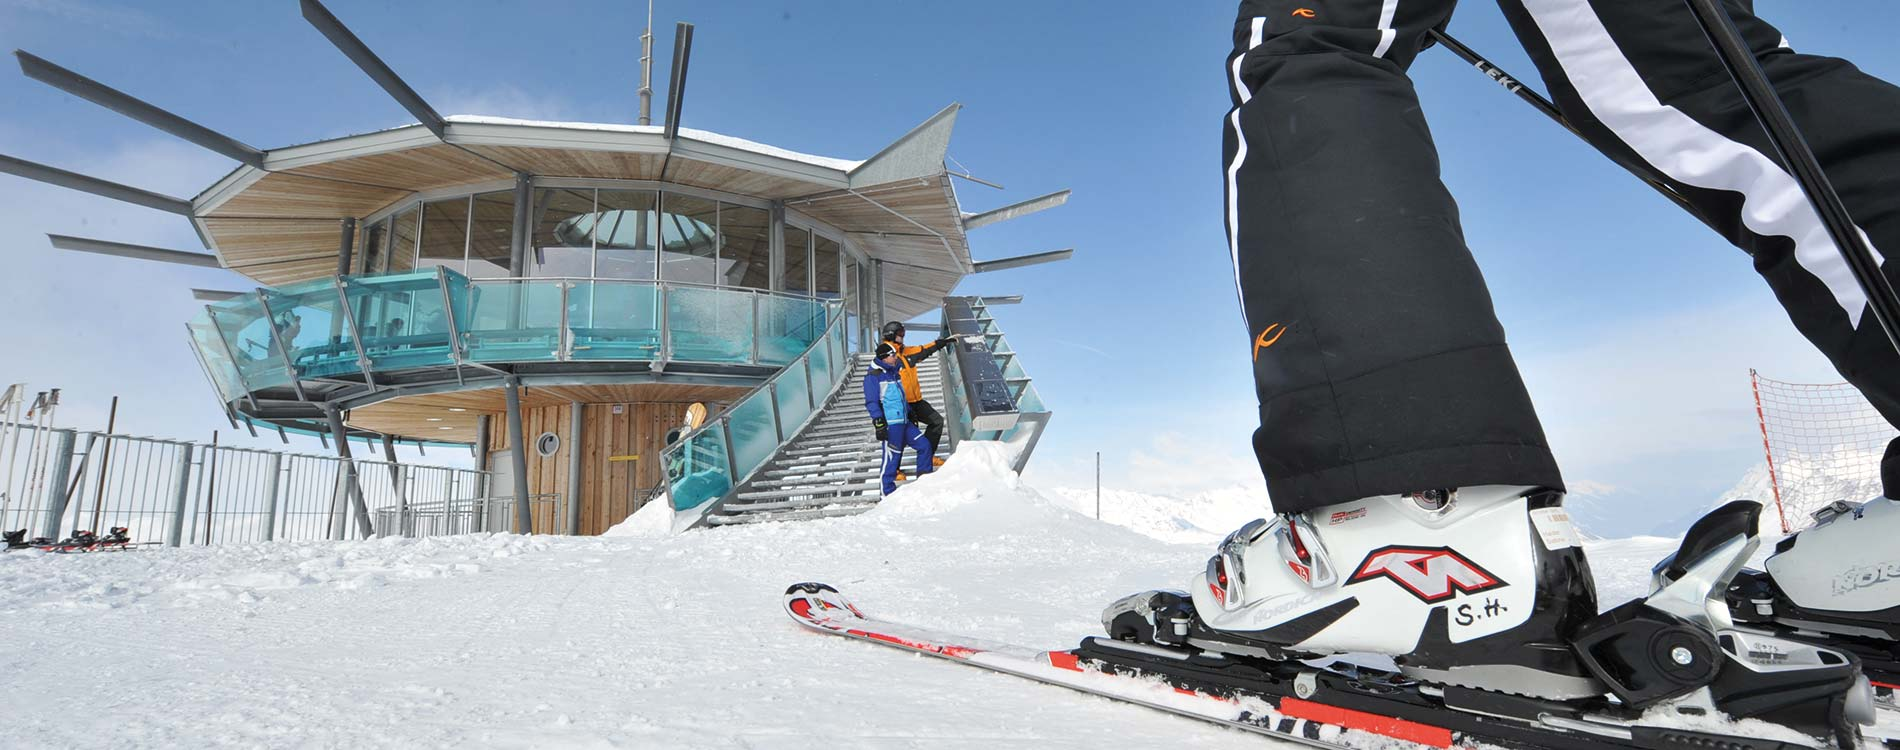 Schneesicherheit im Skigebiet Obergurgl Hochgurgl und Sölden im Ötztal Tirol